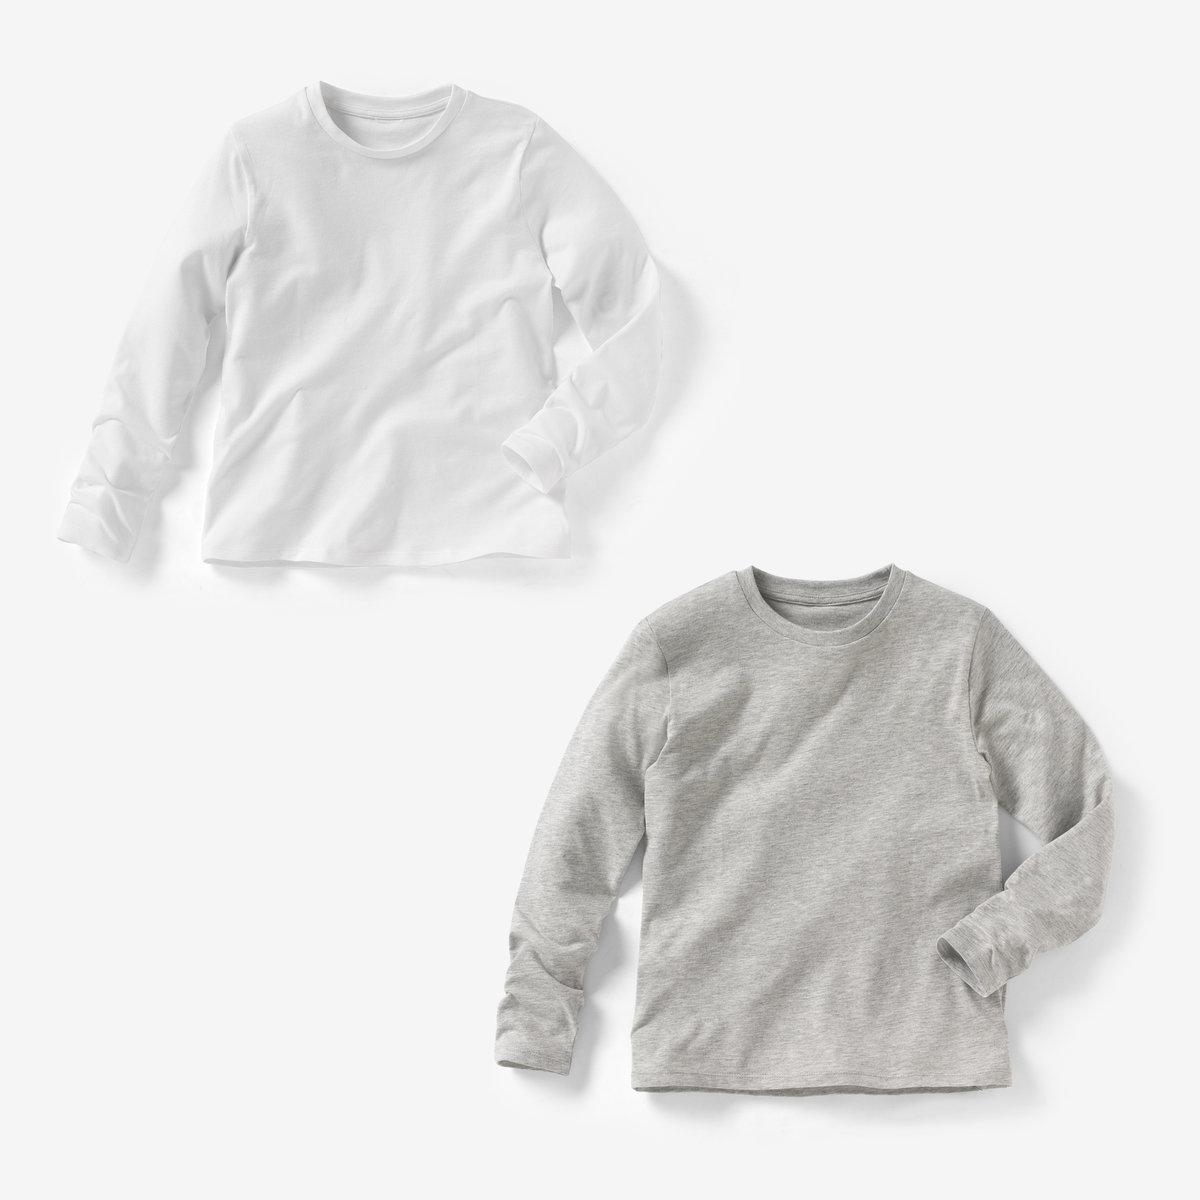 Комплект из 2 футболок, 3-12 летОписание:Детали •  Длинные рукава •  Круглый вырезСостав и уход •  100% хлопок •  Температура стирки 40°   •  Сухая чистка и отбеливание запрещены •  Барабанная сушка на деликатном режиме • Средняя температура глажки.<br><br>Цвет: красный + темно-синий,серый меланж + белый,черный + серый меланж<br>Размер: 8 лет - 126 см.18 мес. - 81 см.8 лет - 126 см.12 лет -150 см.18 мес. - 81 см.2 года - 86 см.5 лет - 108 см.8 лет - 126 см.10 лет - 138 см.18 мес. - 81 см.6 лет - 114 см.6 лет - 114 см.4 года - 102 см.5 лет - 108 см.6 лет - 114 см.12 лет -150 см.12 лет -150 см.5 лет - 108 см